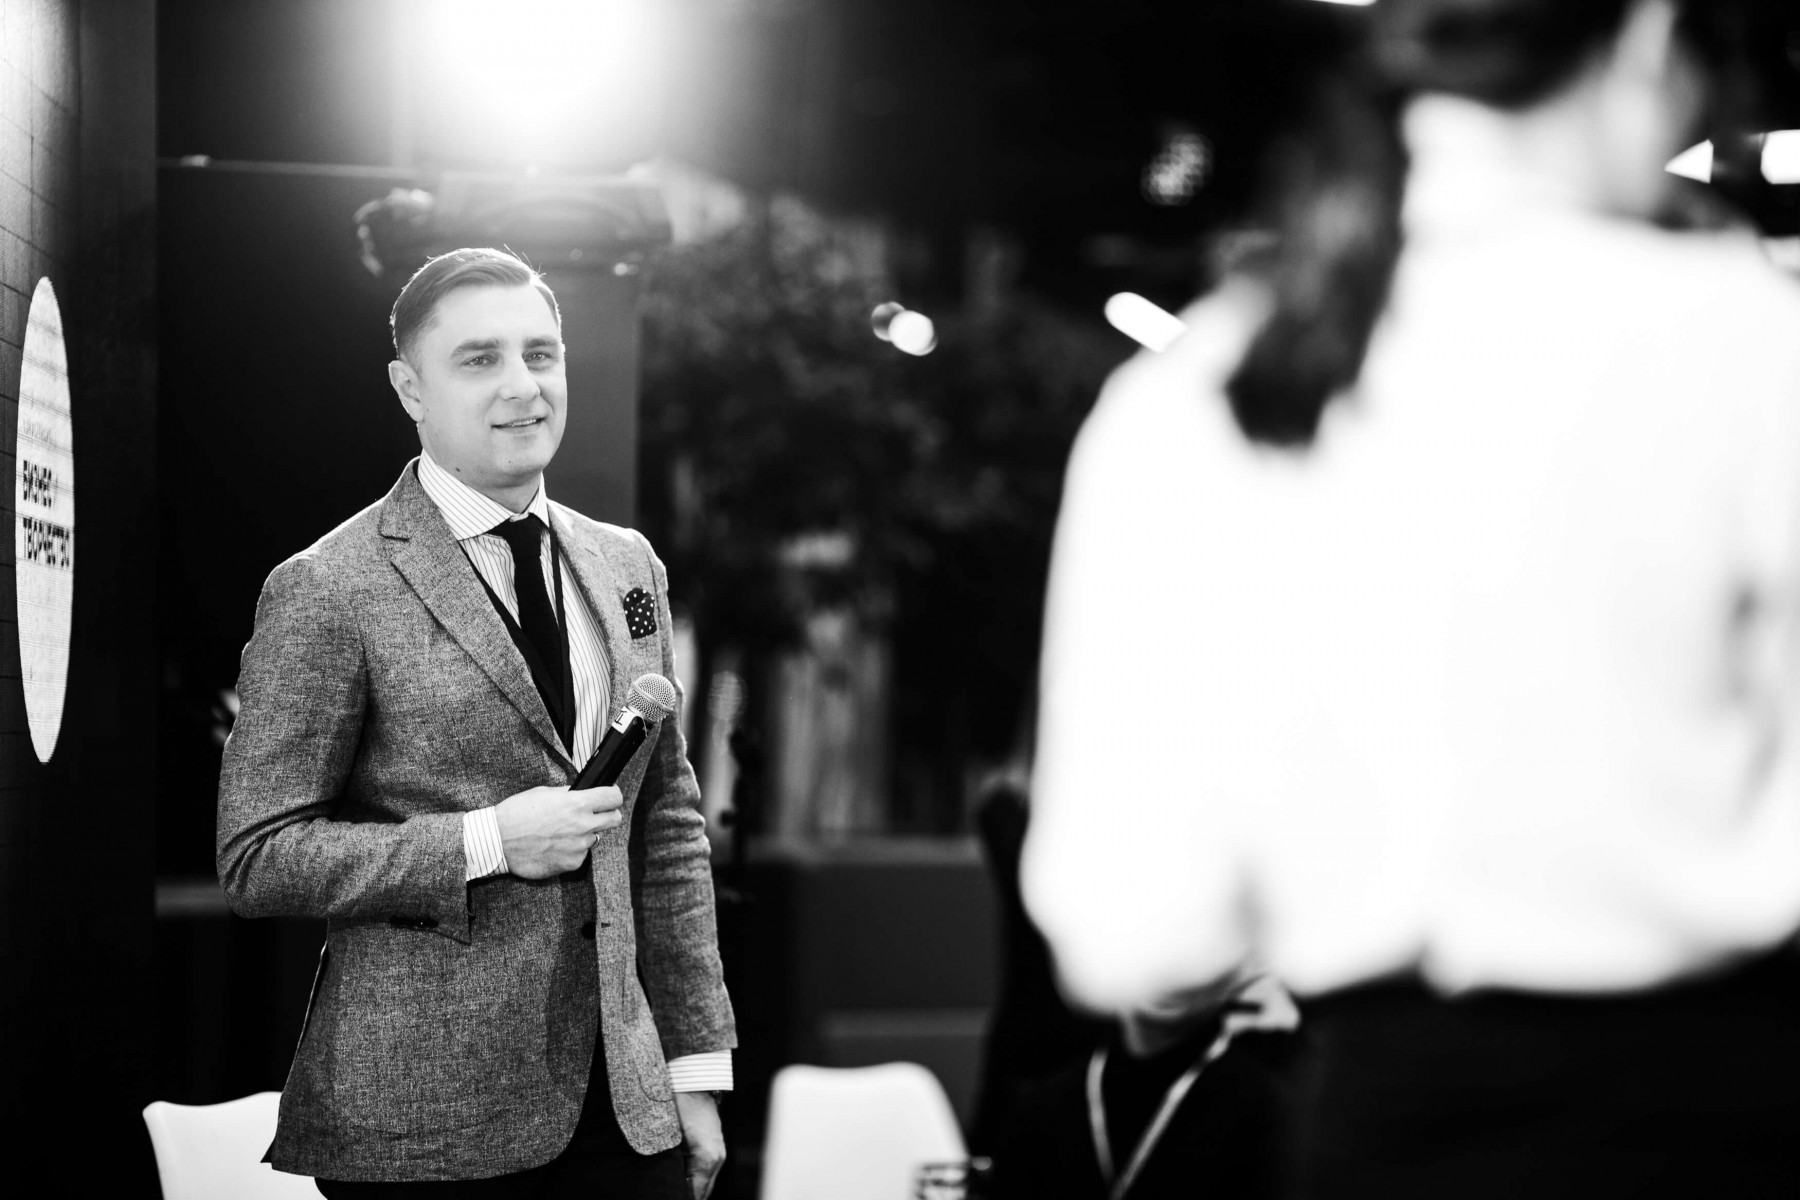 Wedding событие: конференция «Бизнес и творчество»